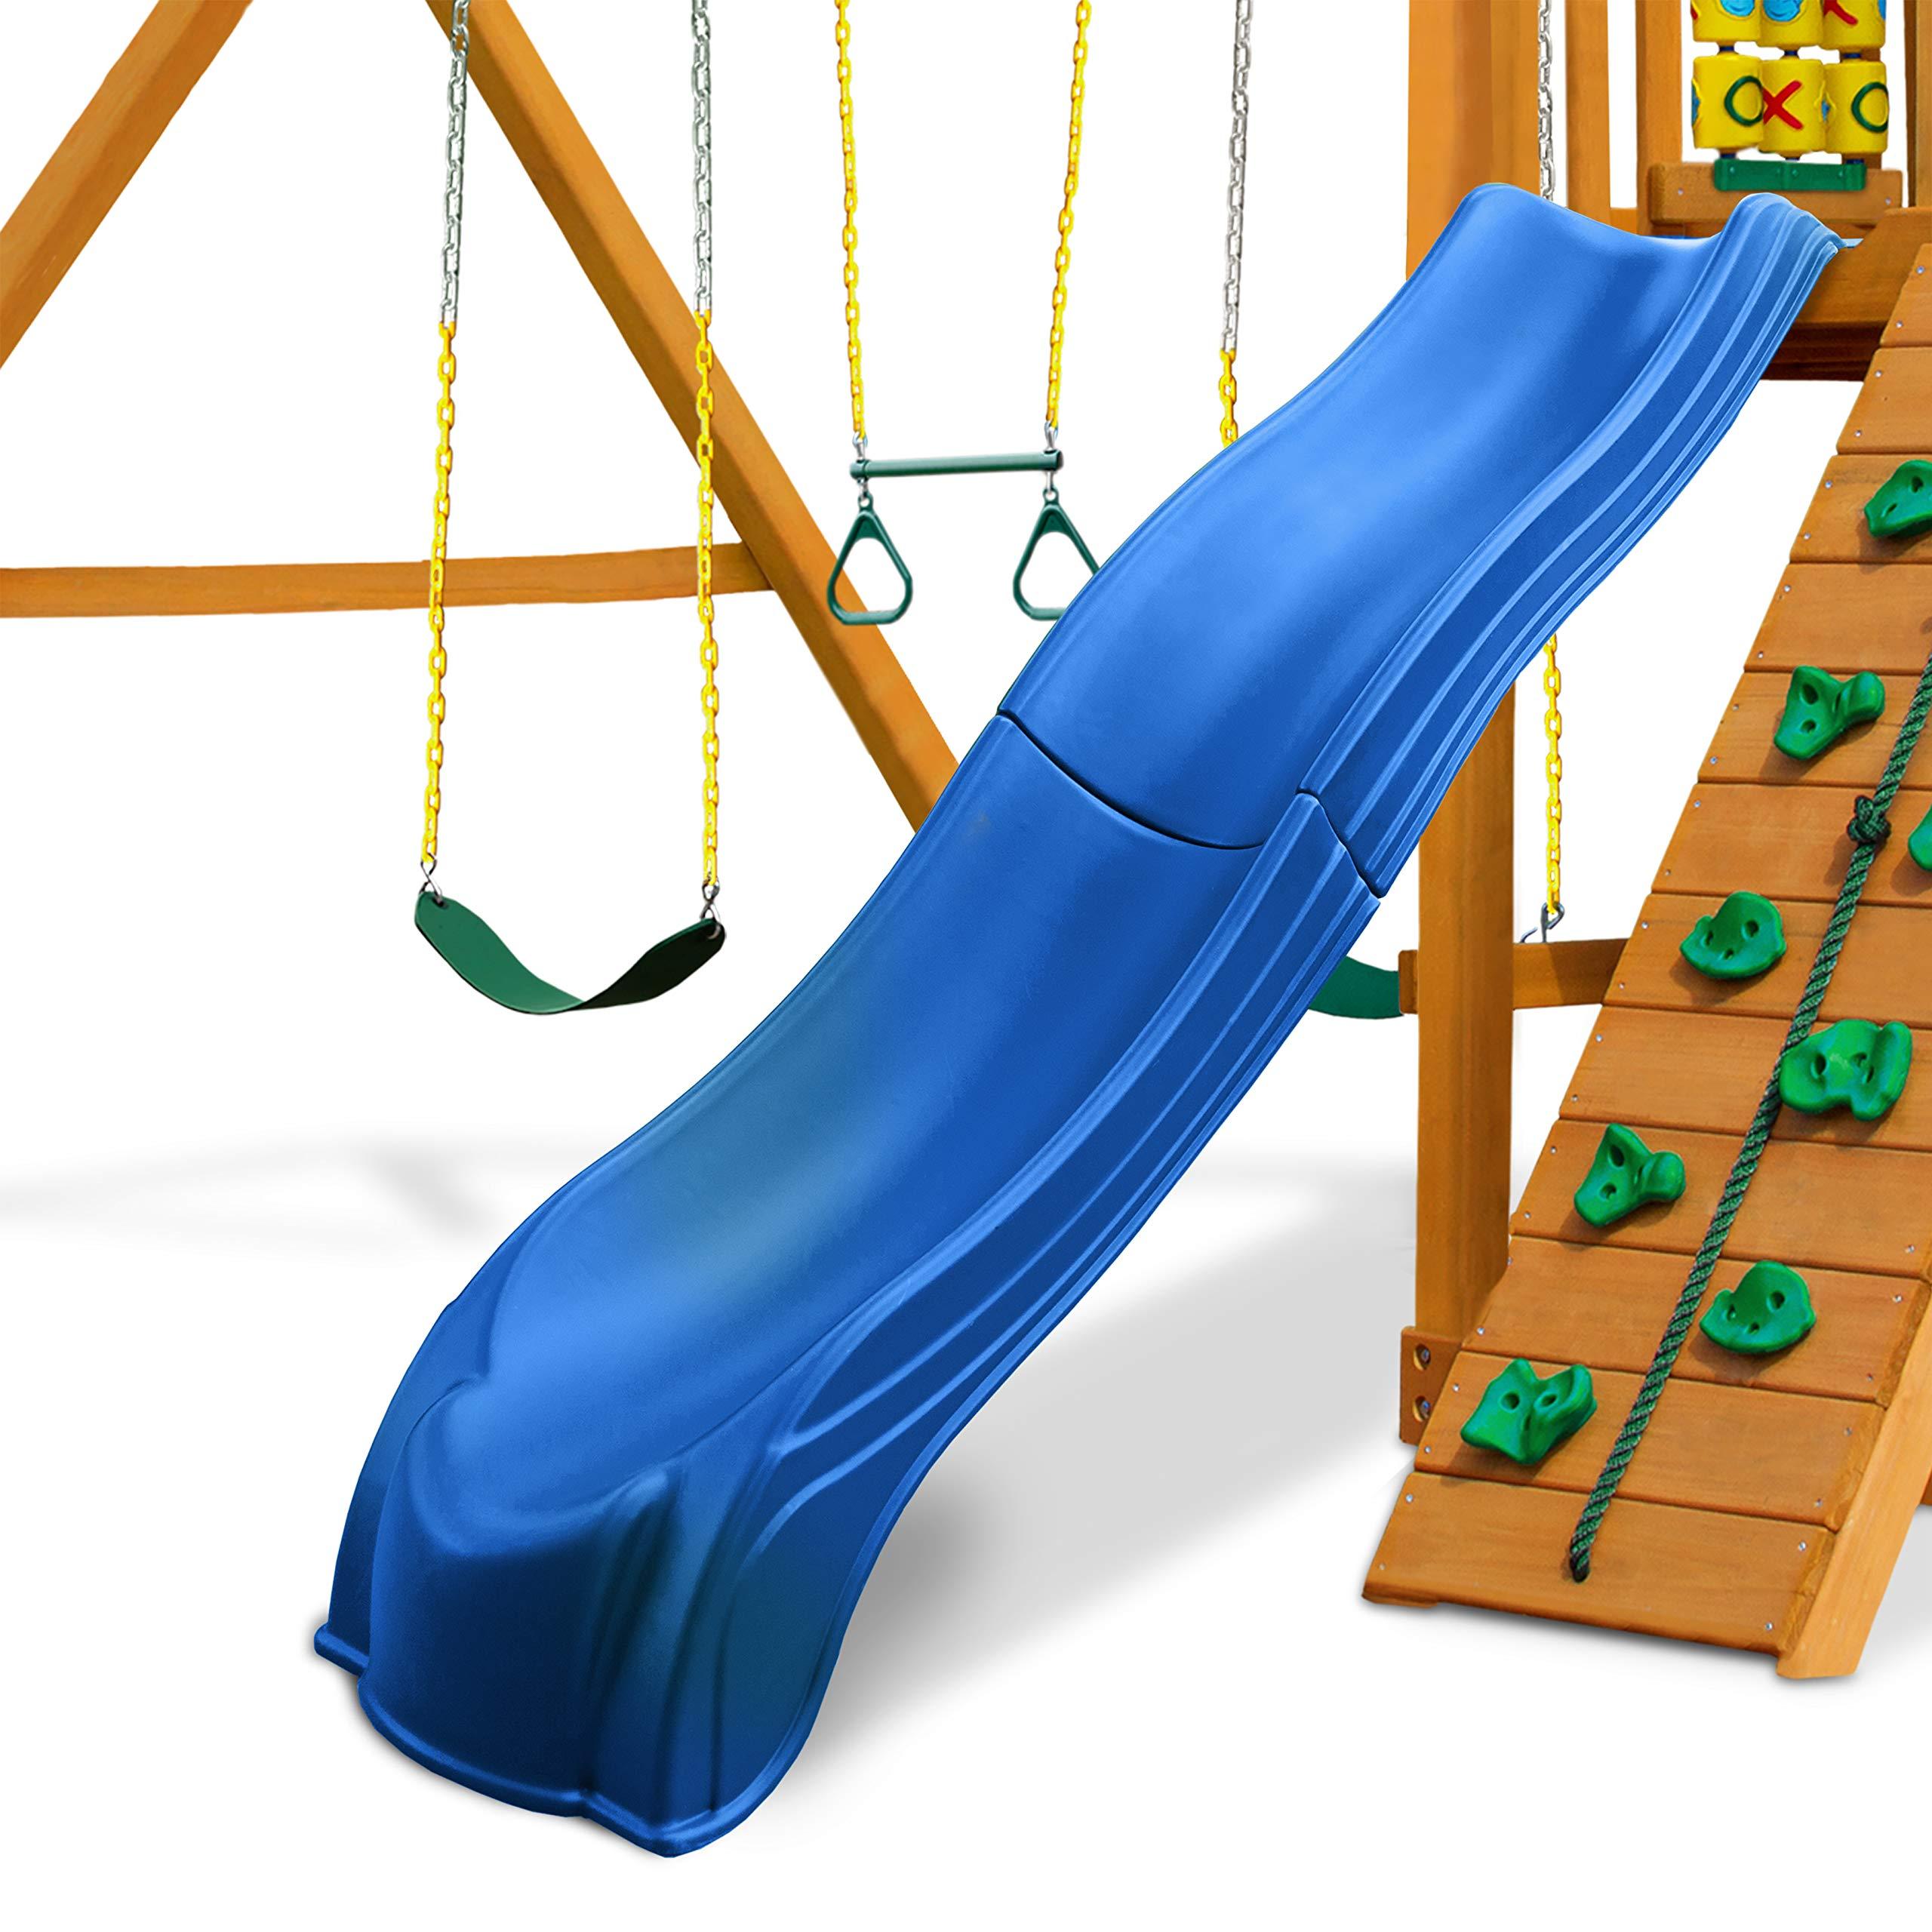 Swing-N-Slide WS 5032 Olympus Wave Slide 2 Piece Plastic Slide for 5' Decks, Blue by Swing-N-Slide (Image #7)